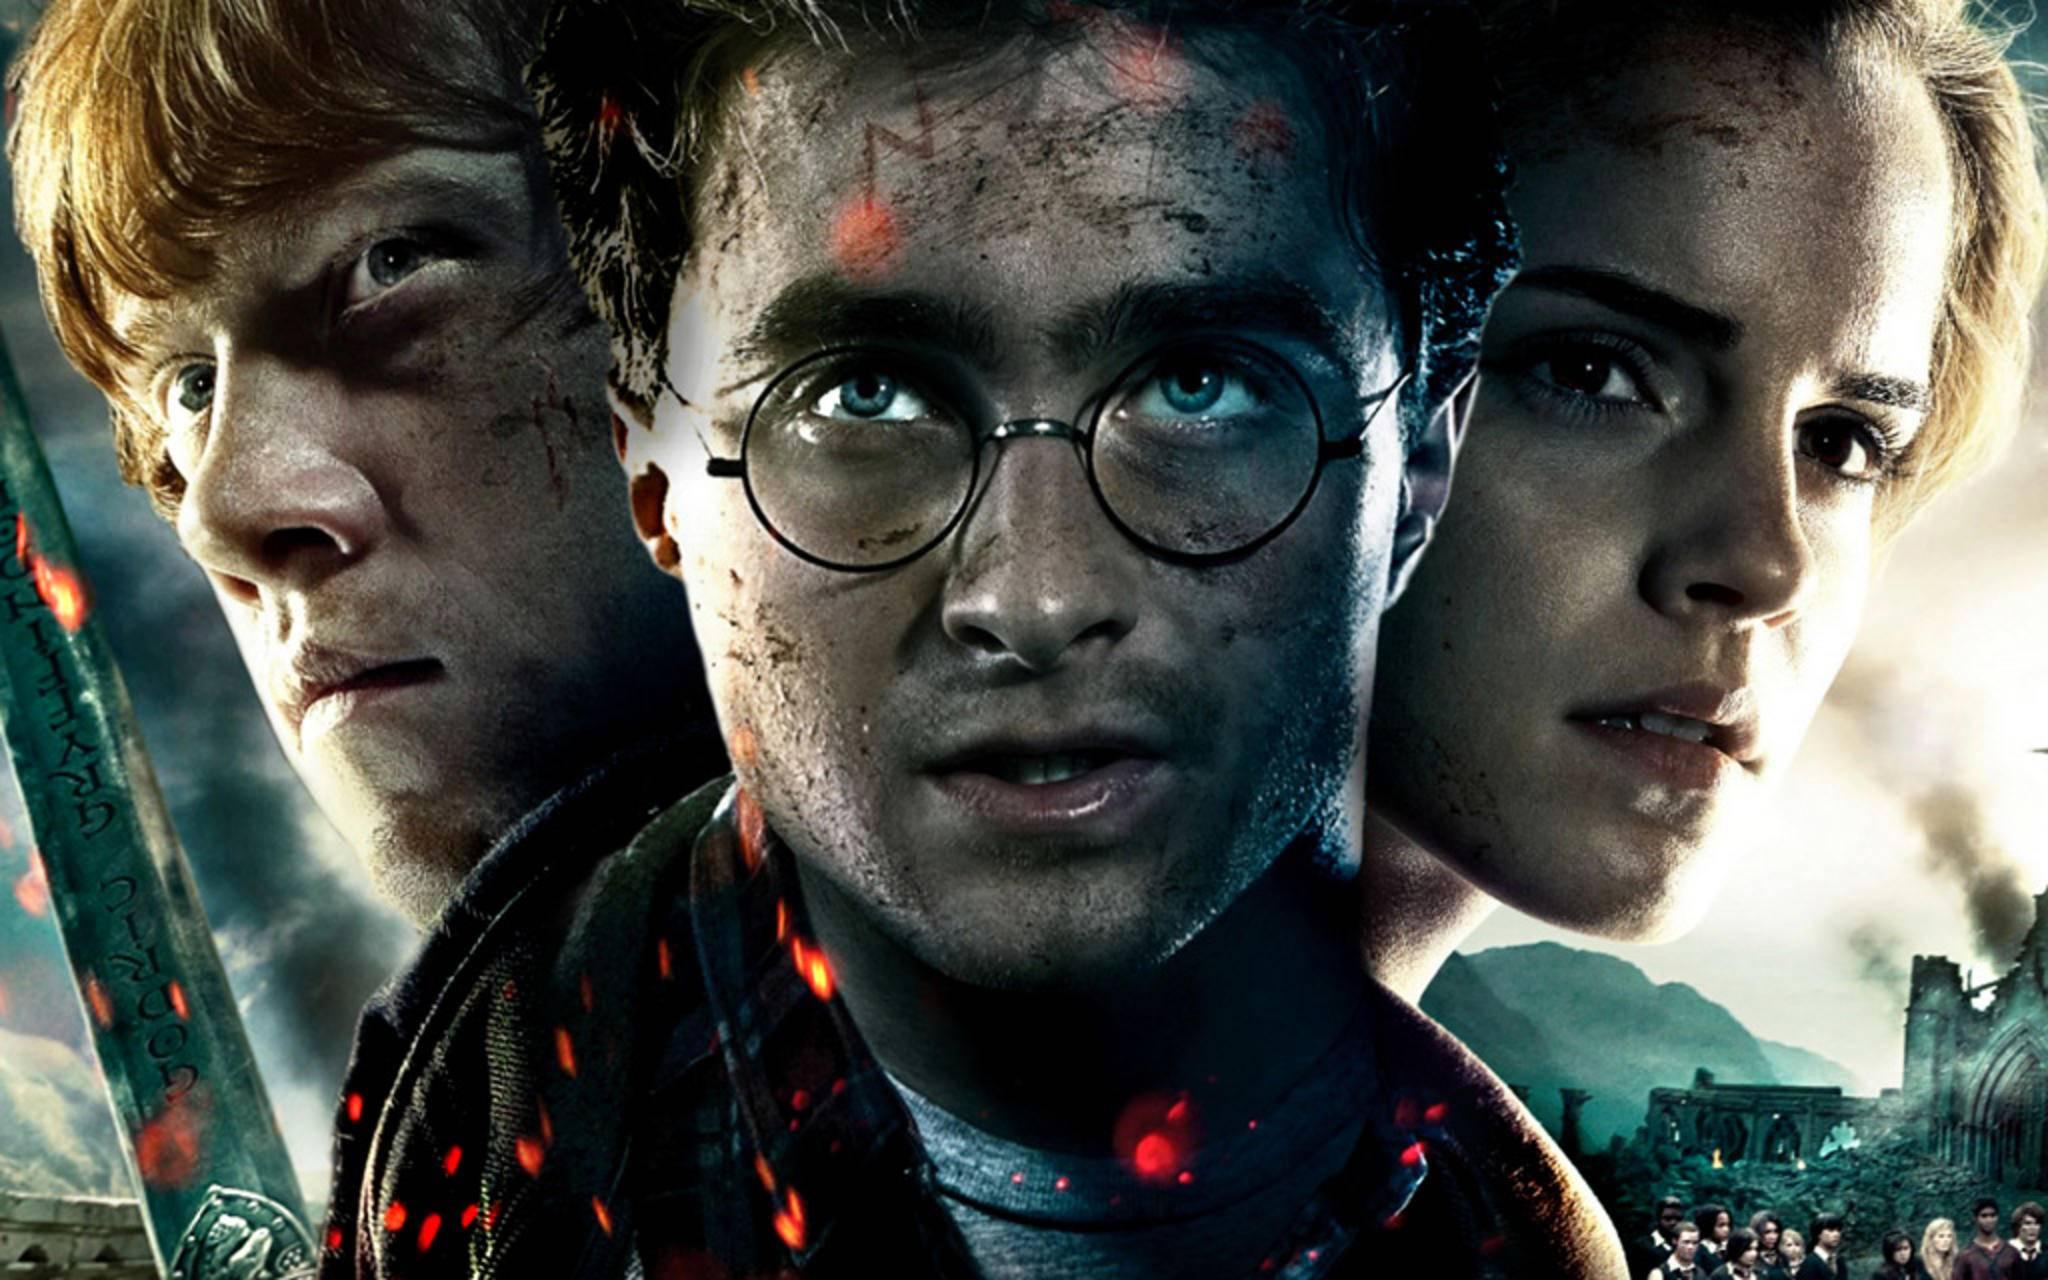 Harry, Hermine und Ron werden wir in der Serie wohl nicht sehen, doch das Universum bietet bekanntlich noch viel mehr.